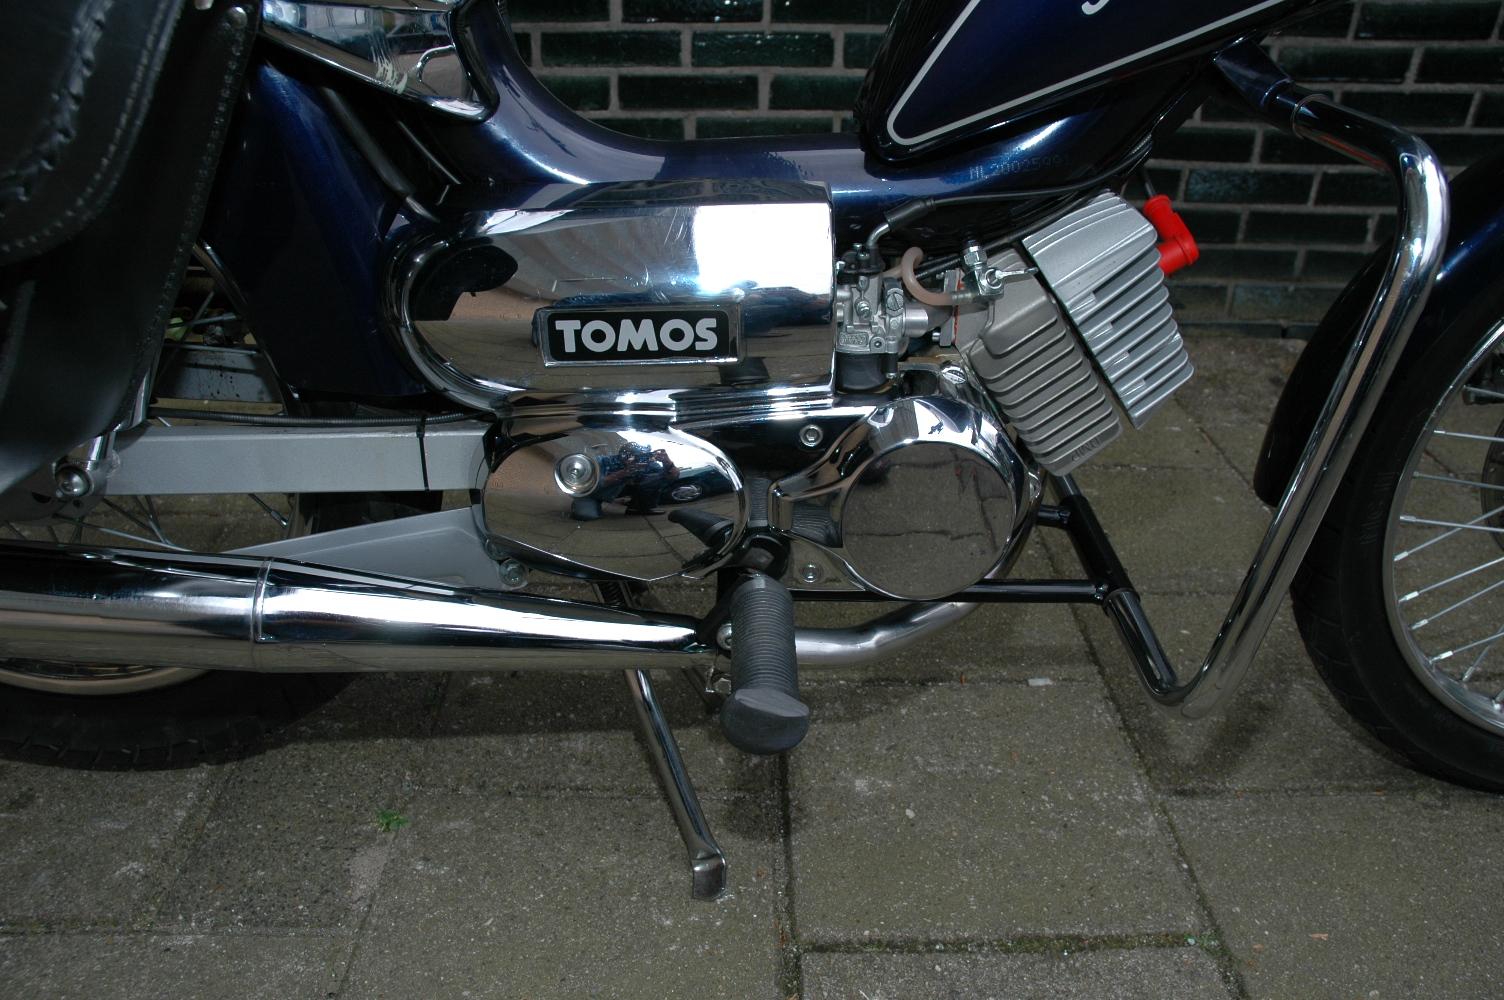 Tomos setup tabel